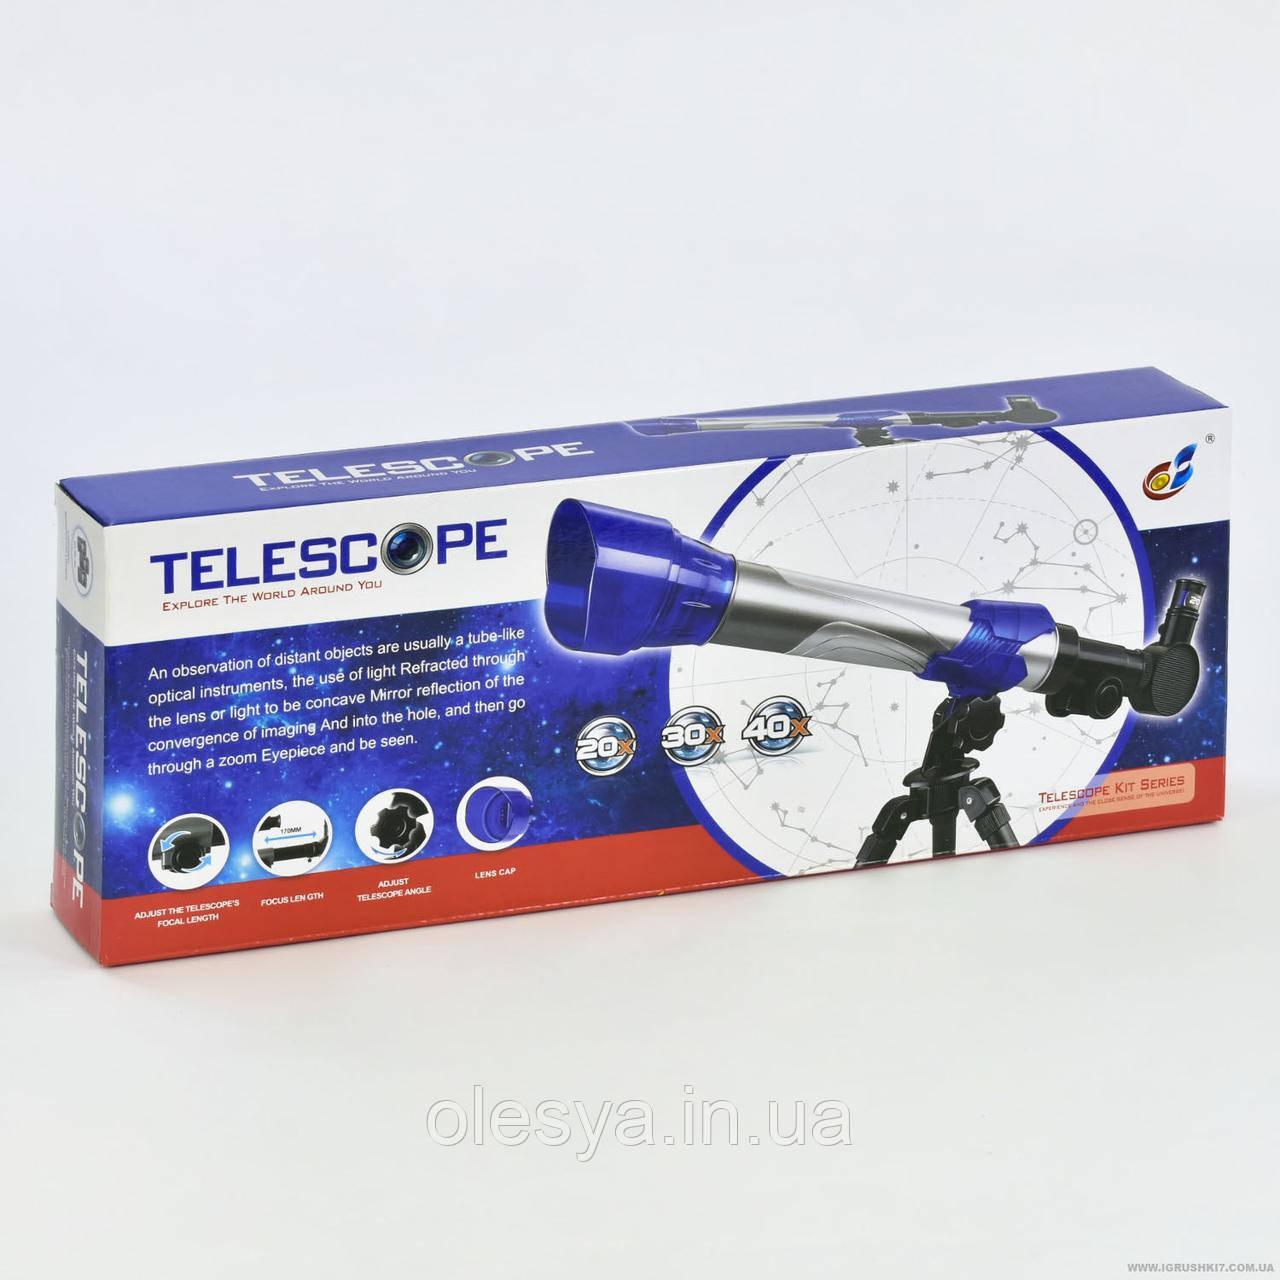 Телескоп С 2131 для юных астрономов